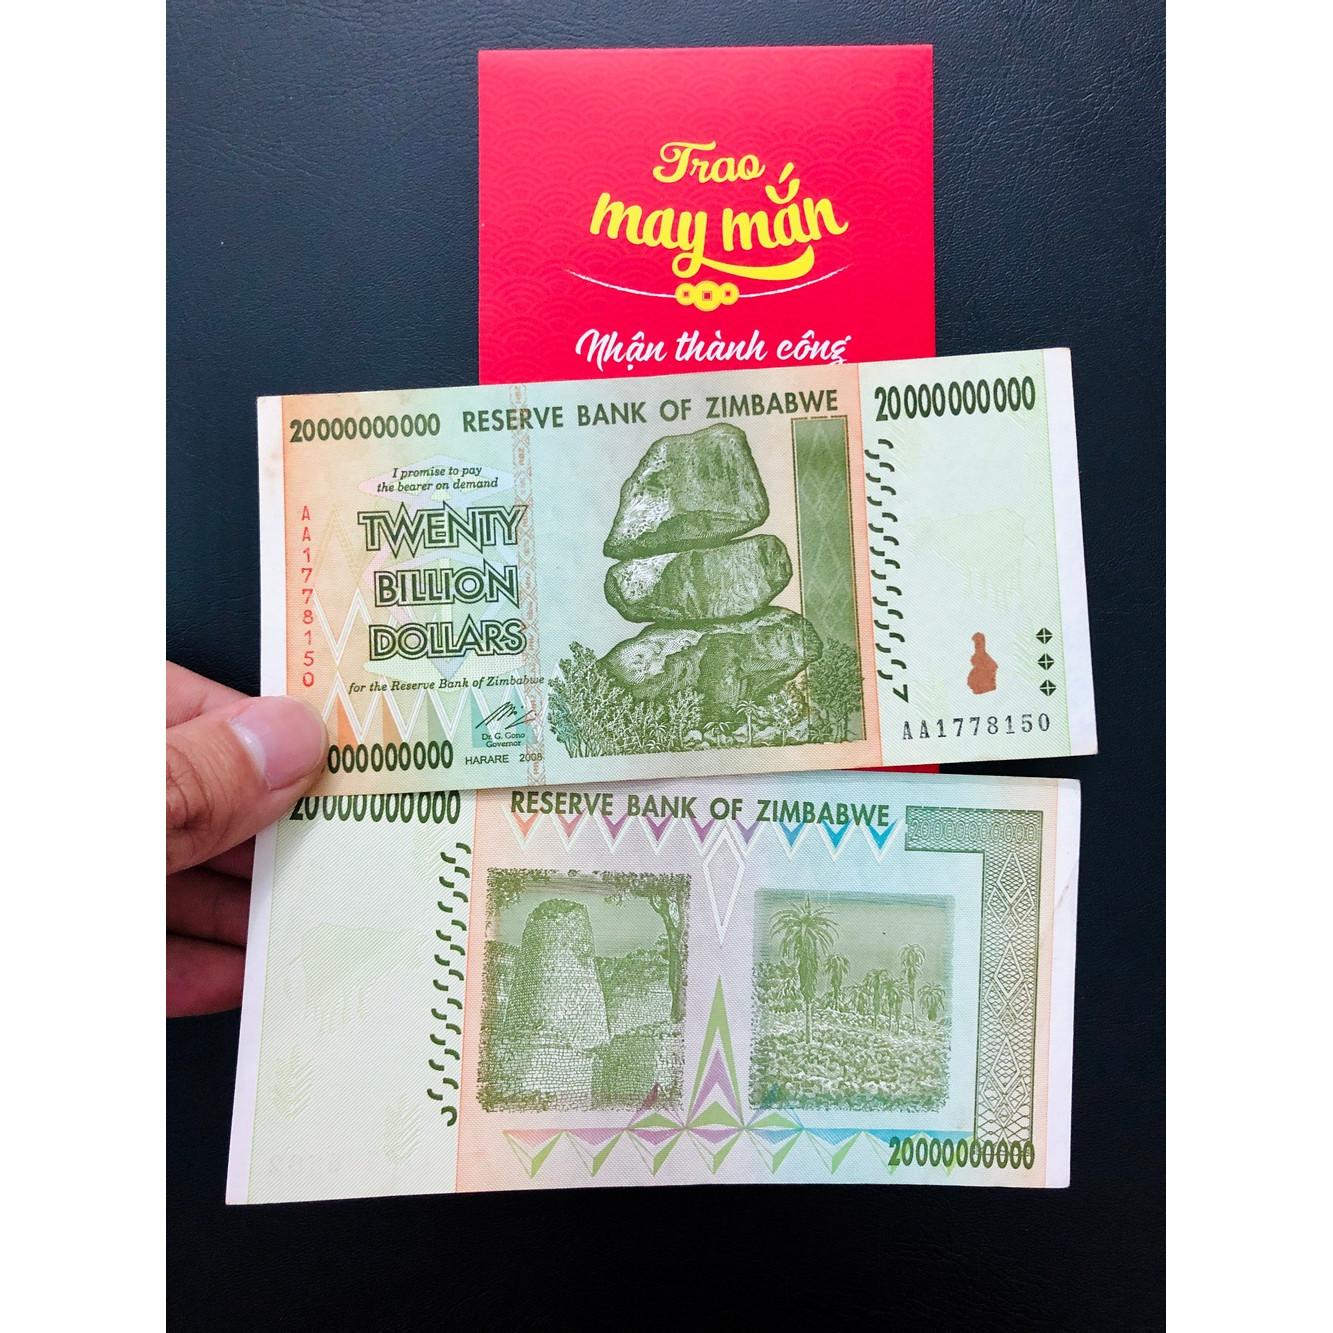 Tờ tiền xưa 20 Tỷ của Zimbabwe sưu tầm - The Merrick Mint